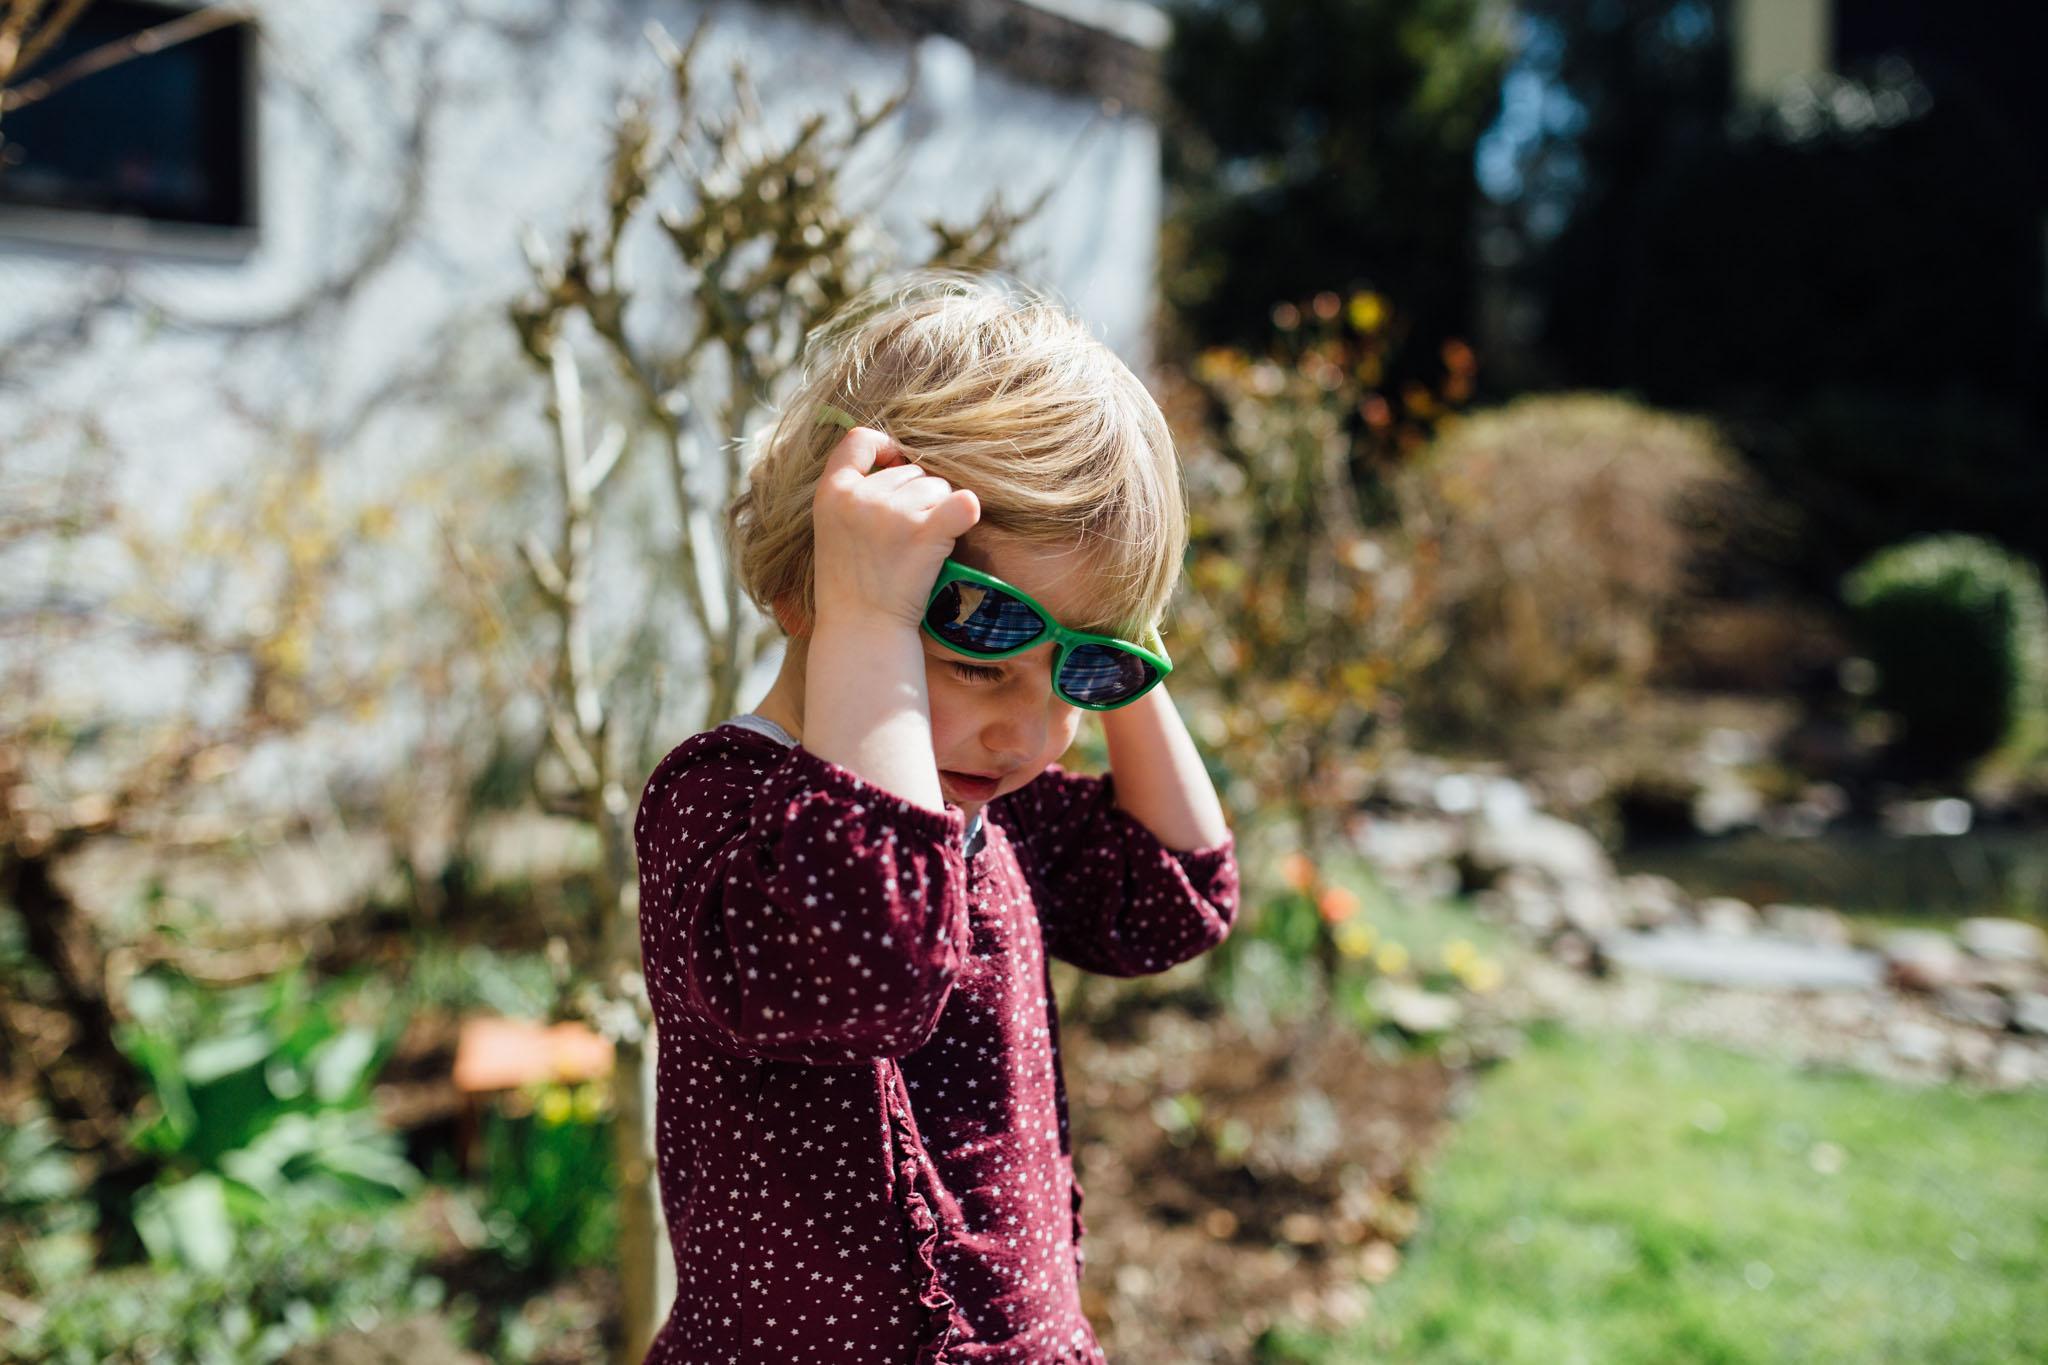 familienfotos-portraits-berlin-reportagefotografie